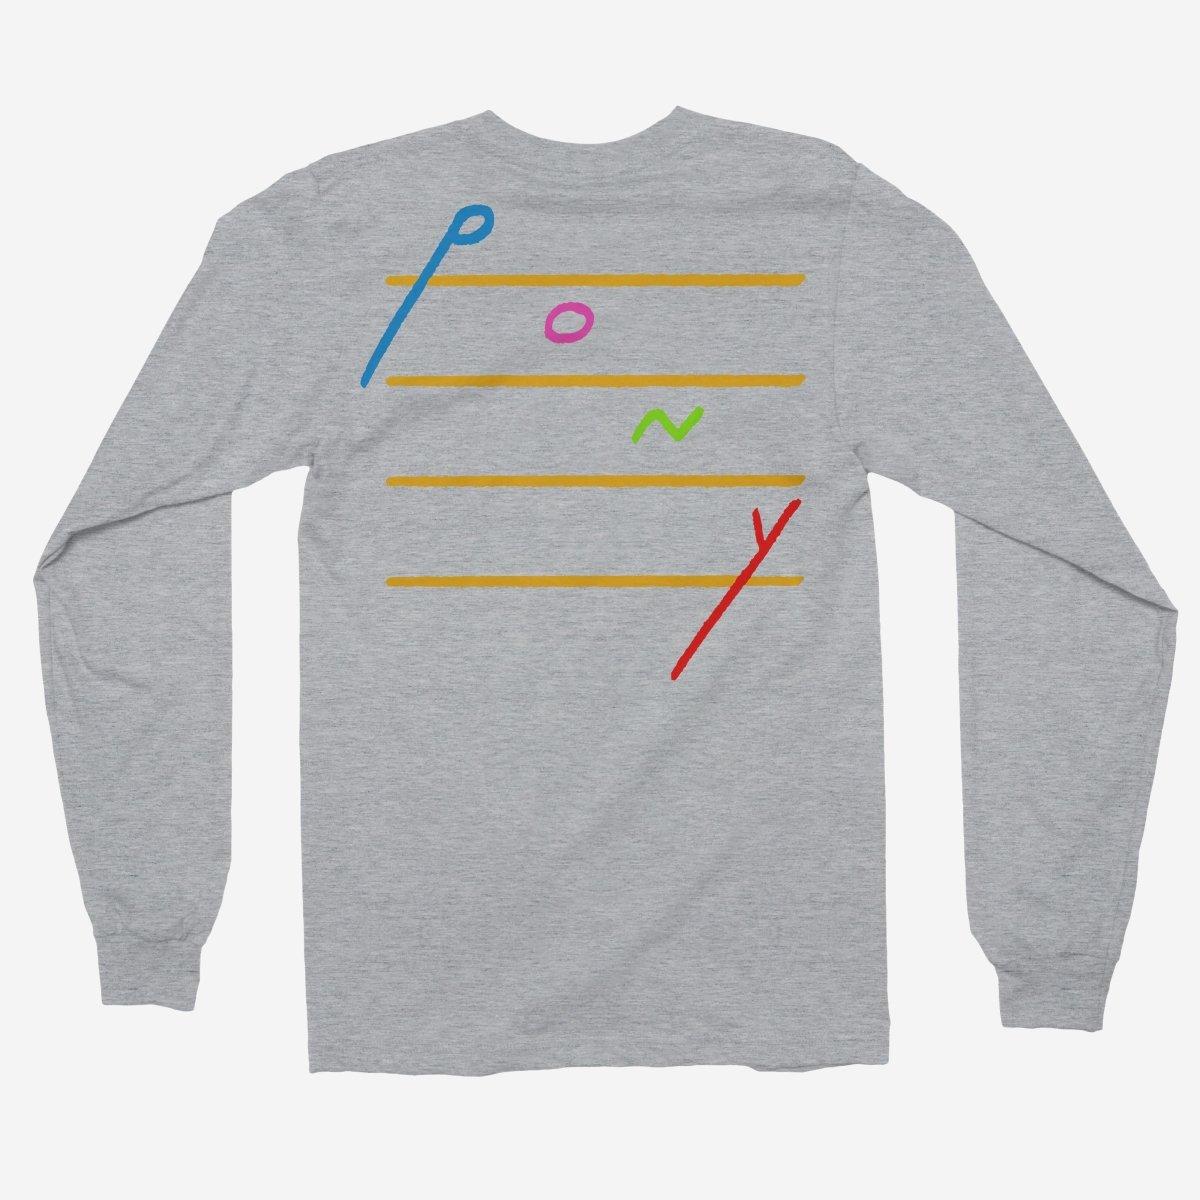 Rex Orange County - Pony Cascading Notes Unisex Long Sleeve T-Shirt